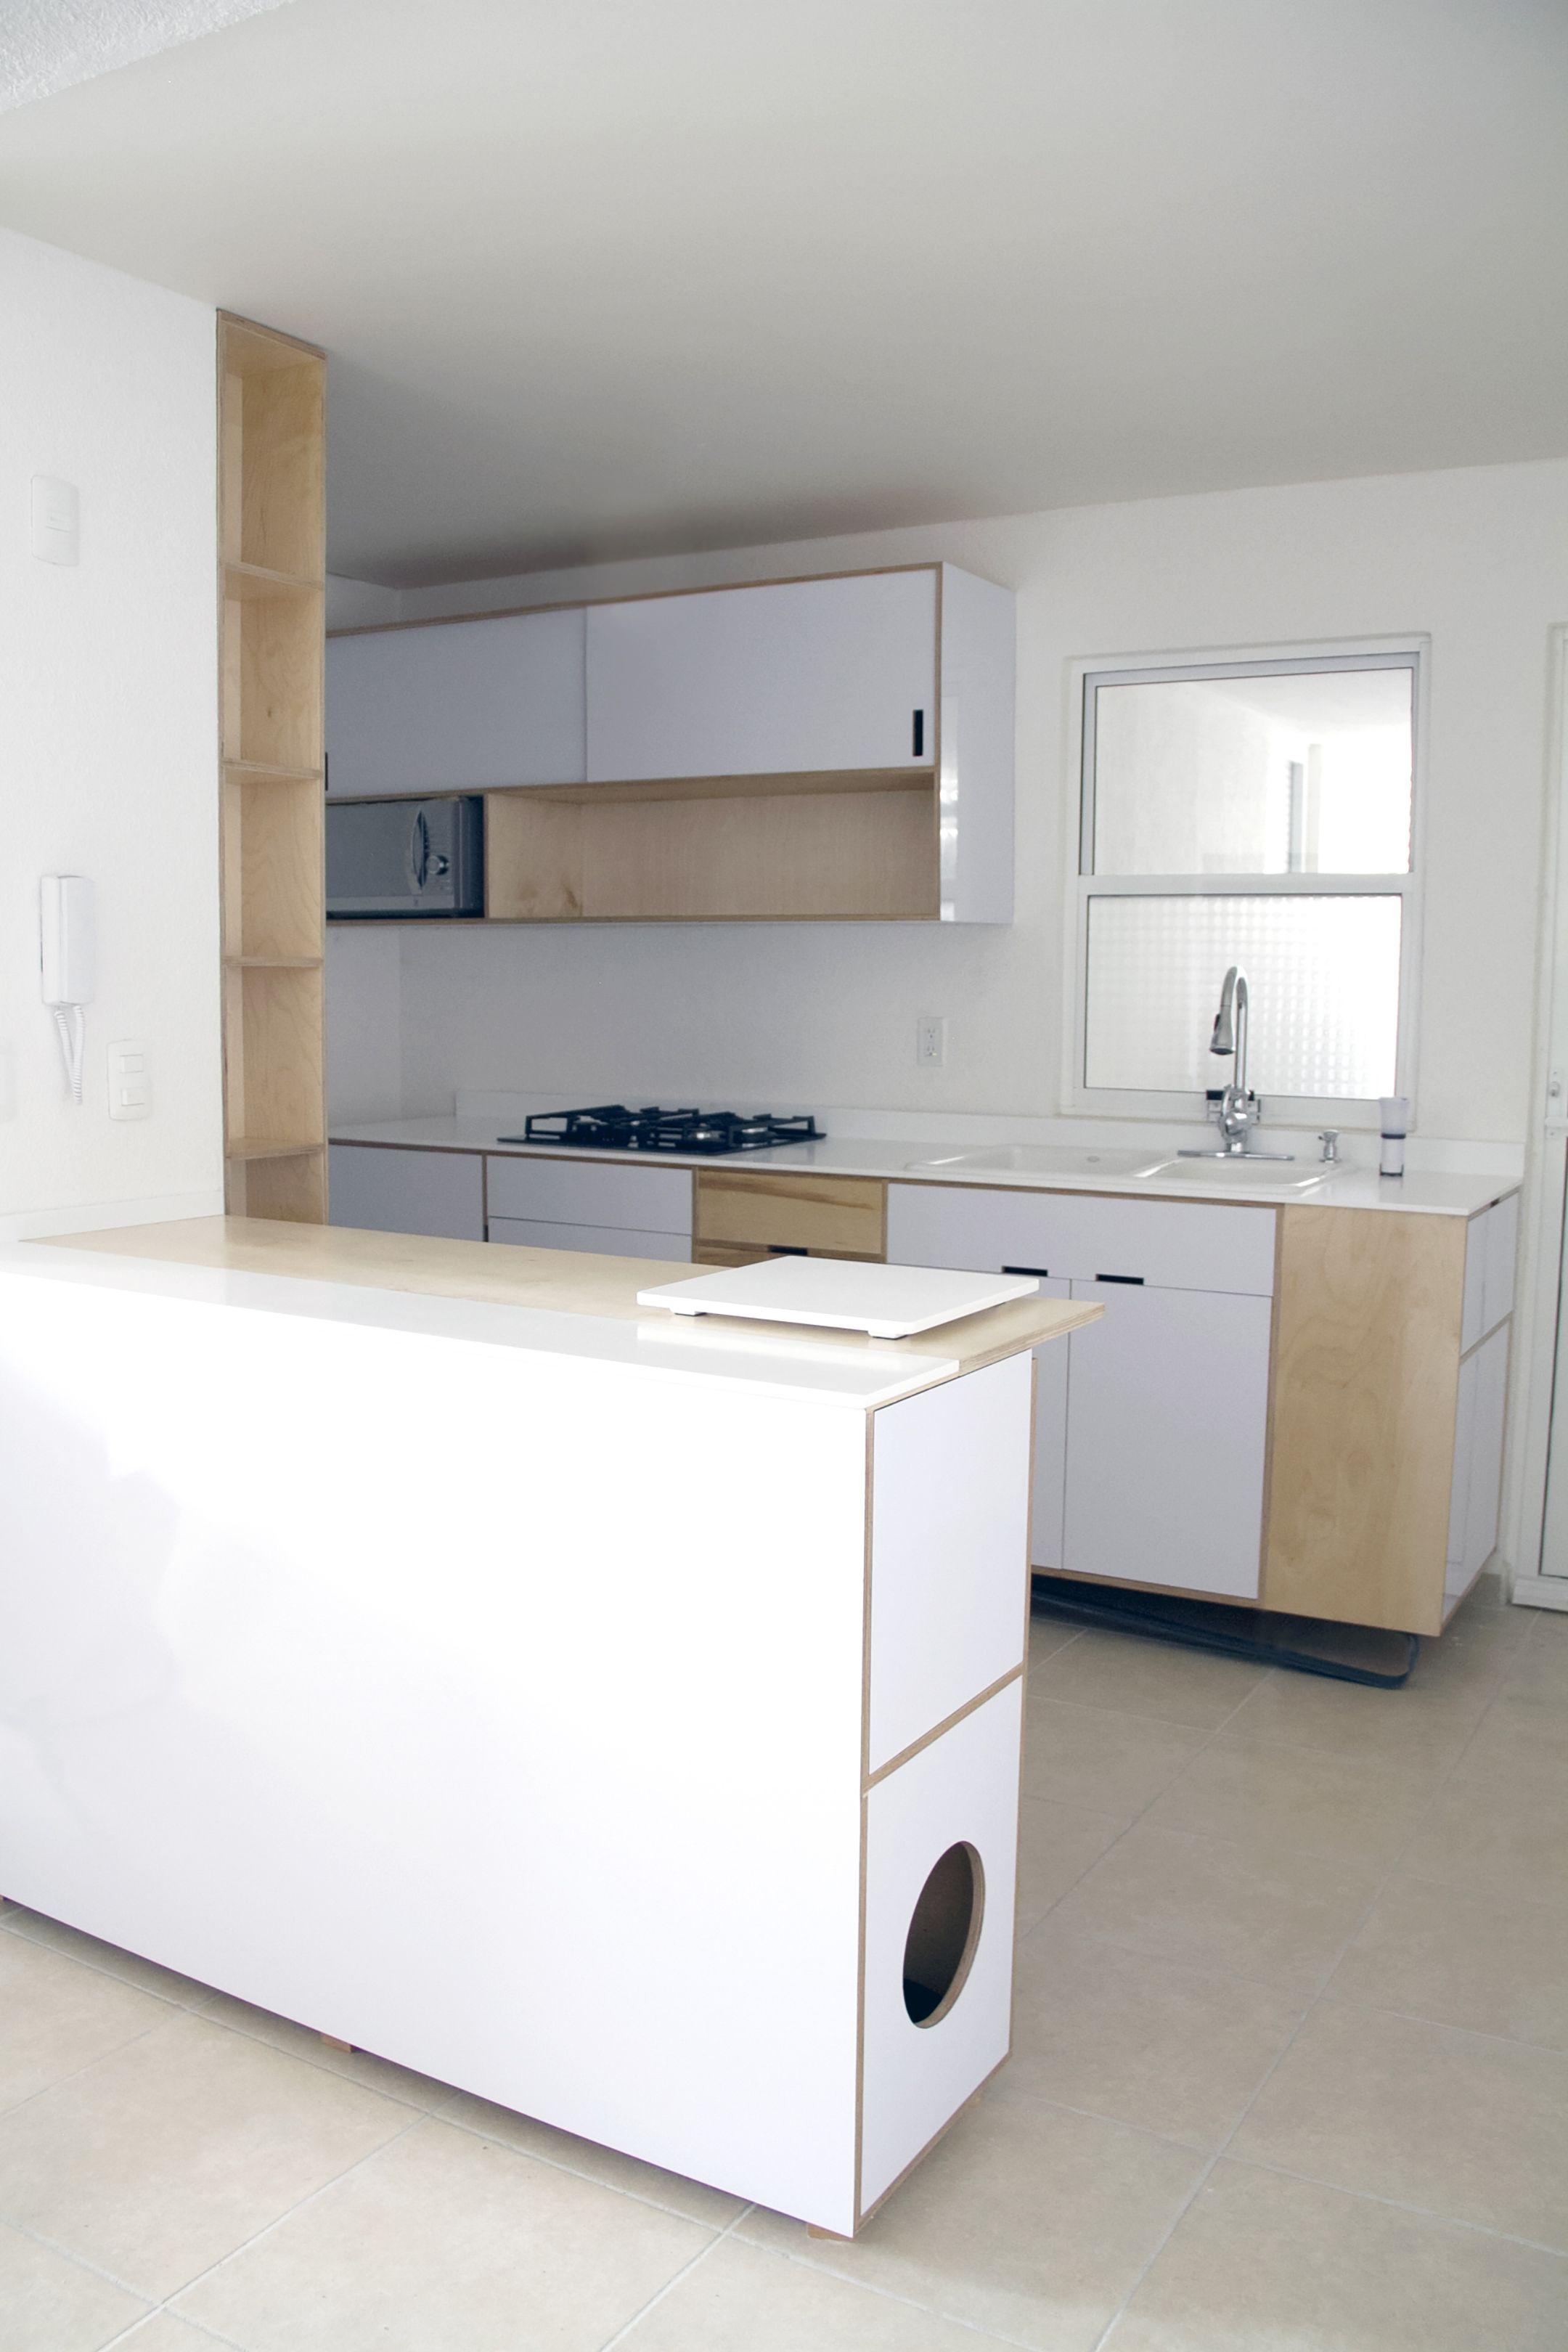 Urban Kitchen / Cocinas Urbanas Krion Snow White Porcelanosa Birch ...